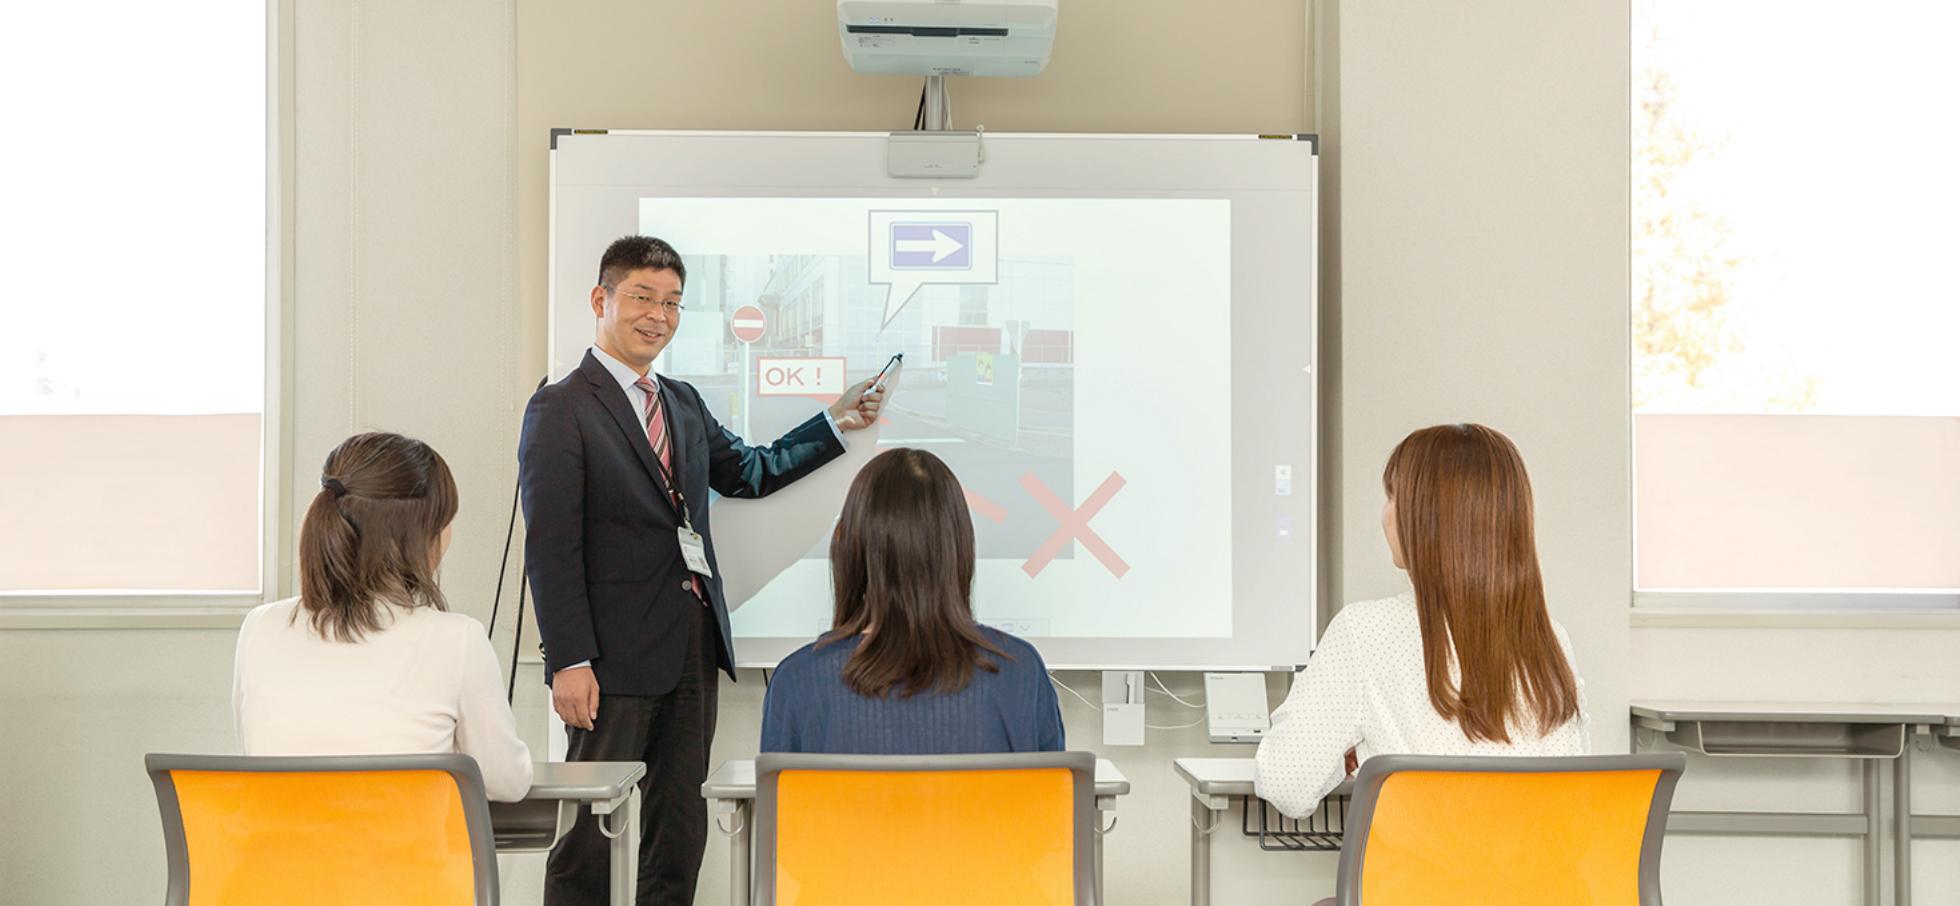 学科教習室で教習生が授業を受けている写真